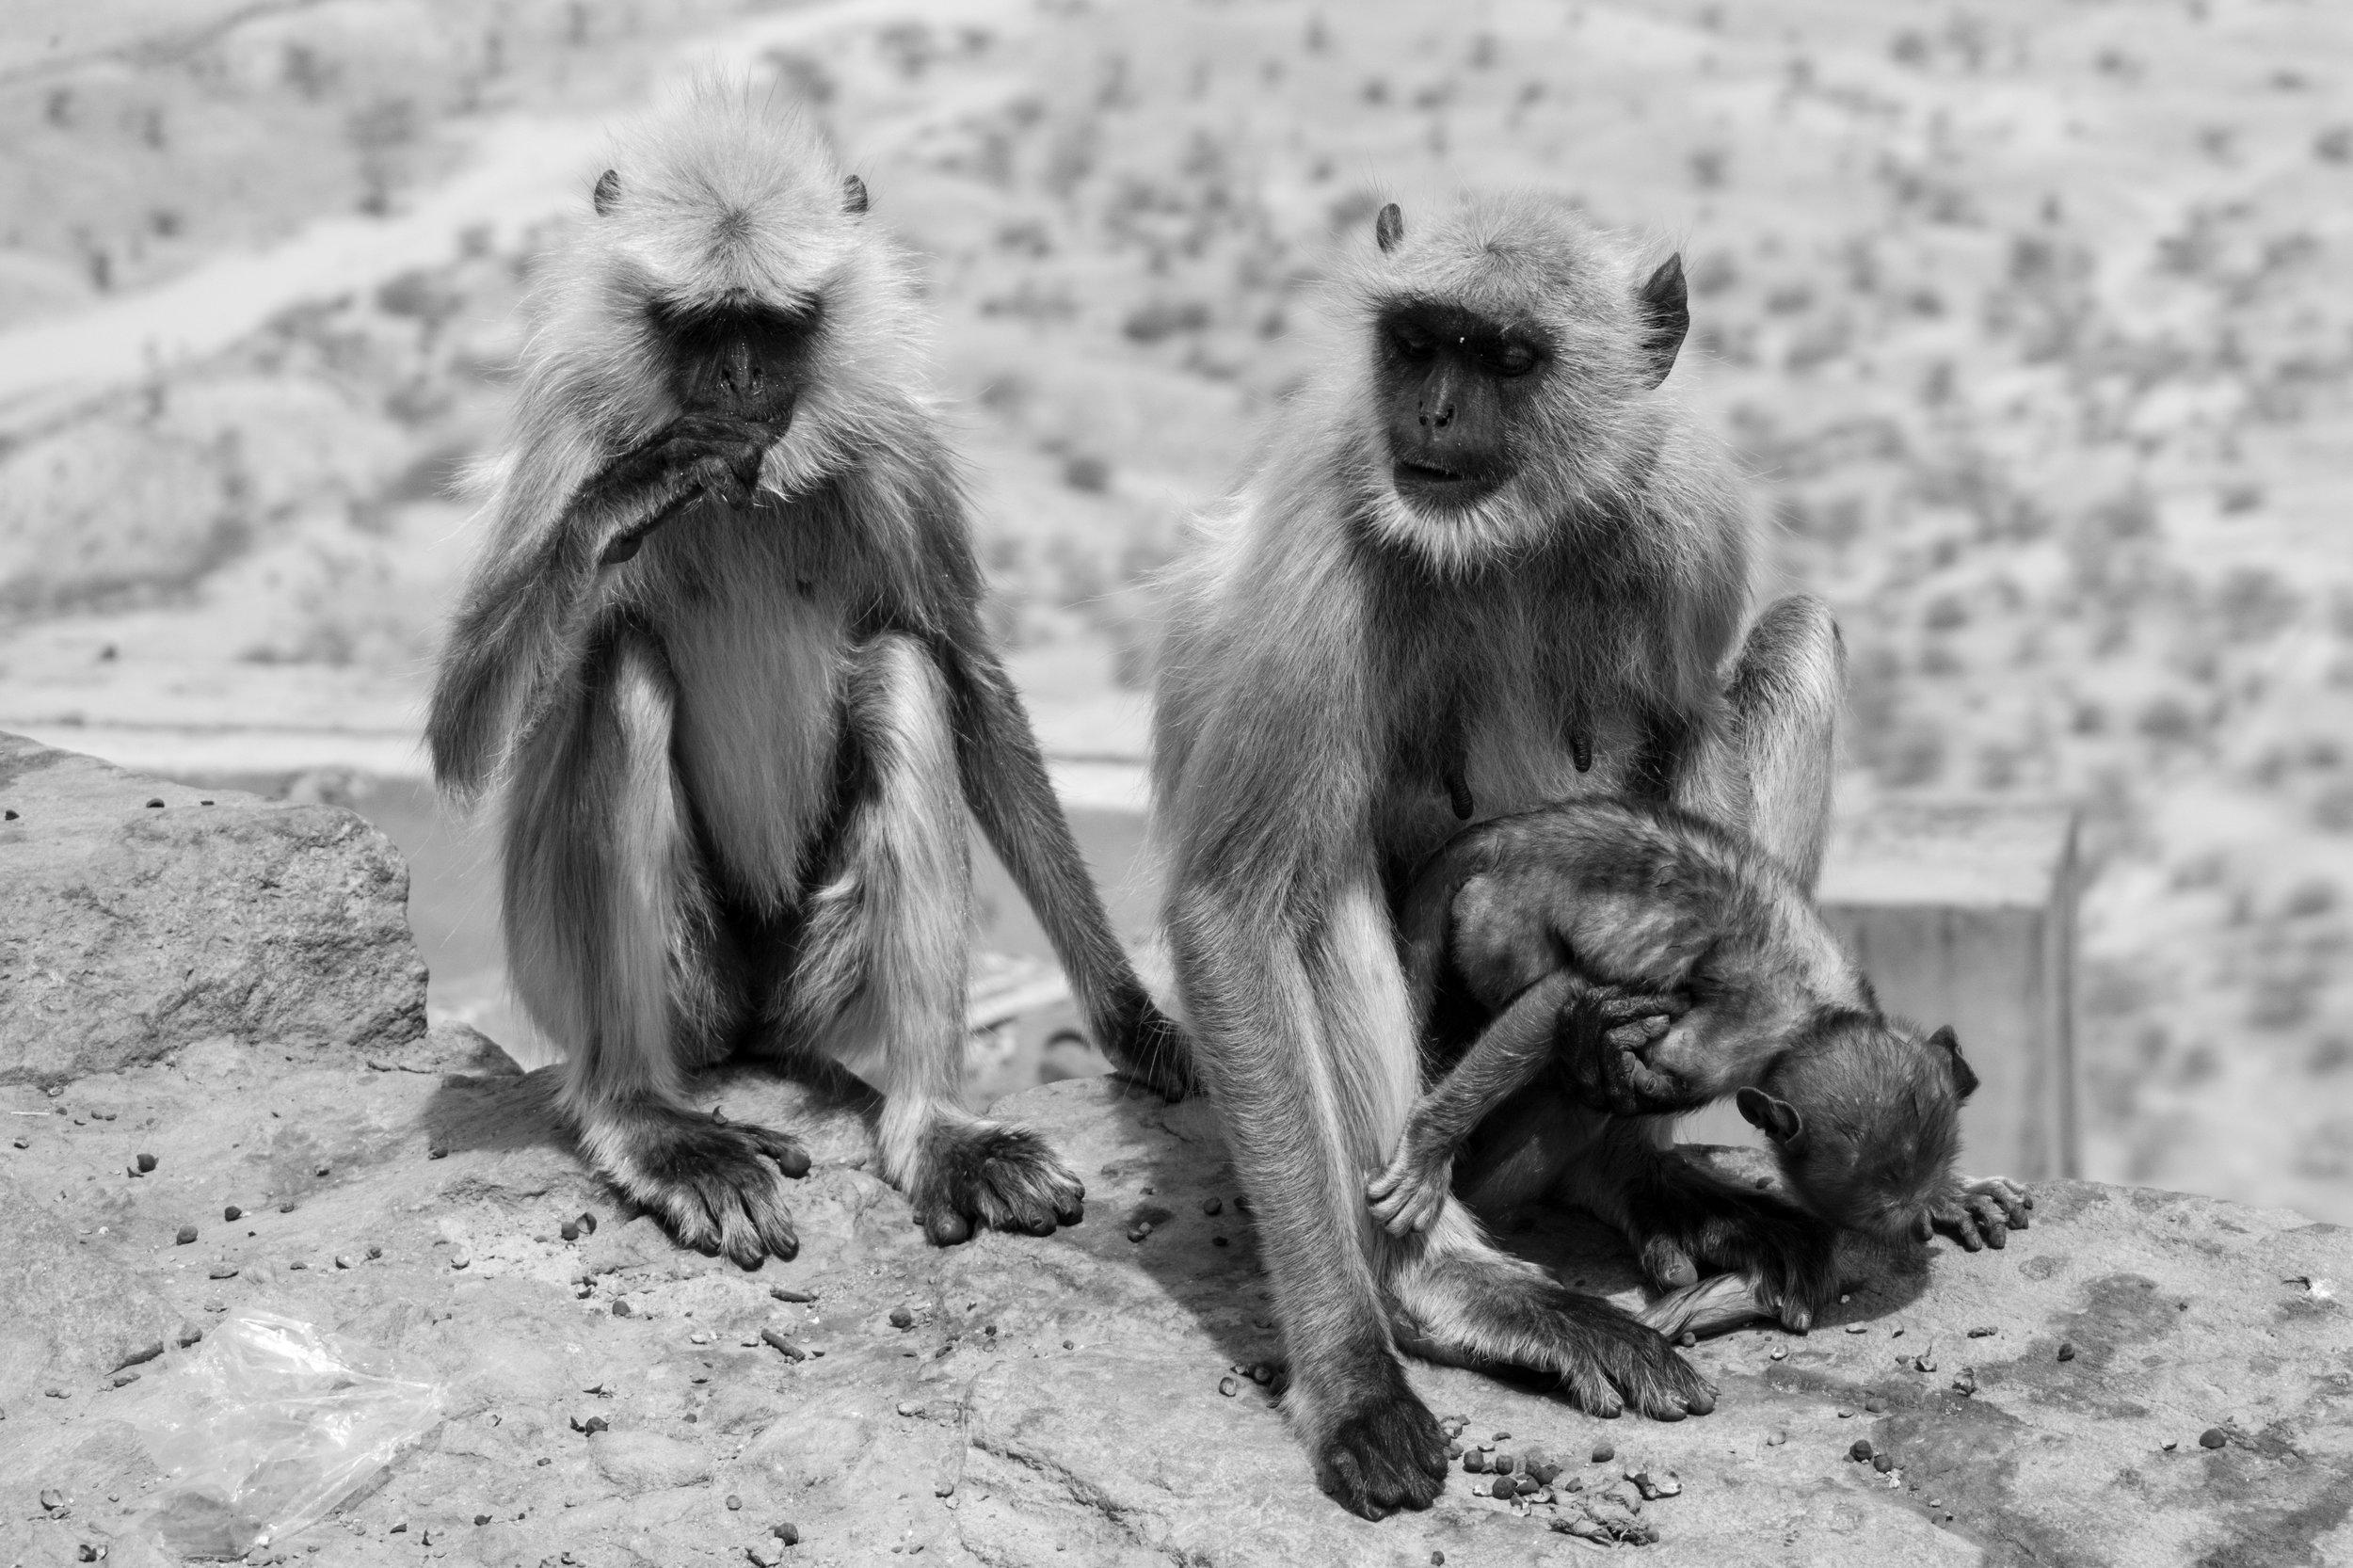 Three Monkeys At A Temple In Pushkar, India